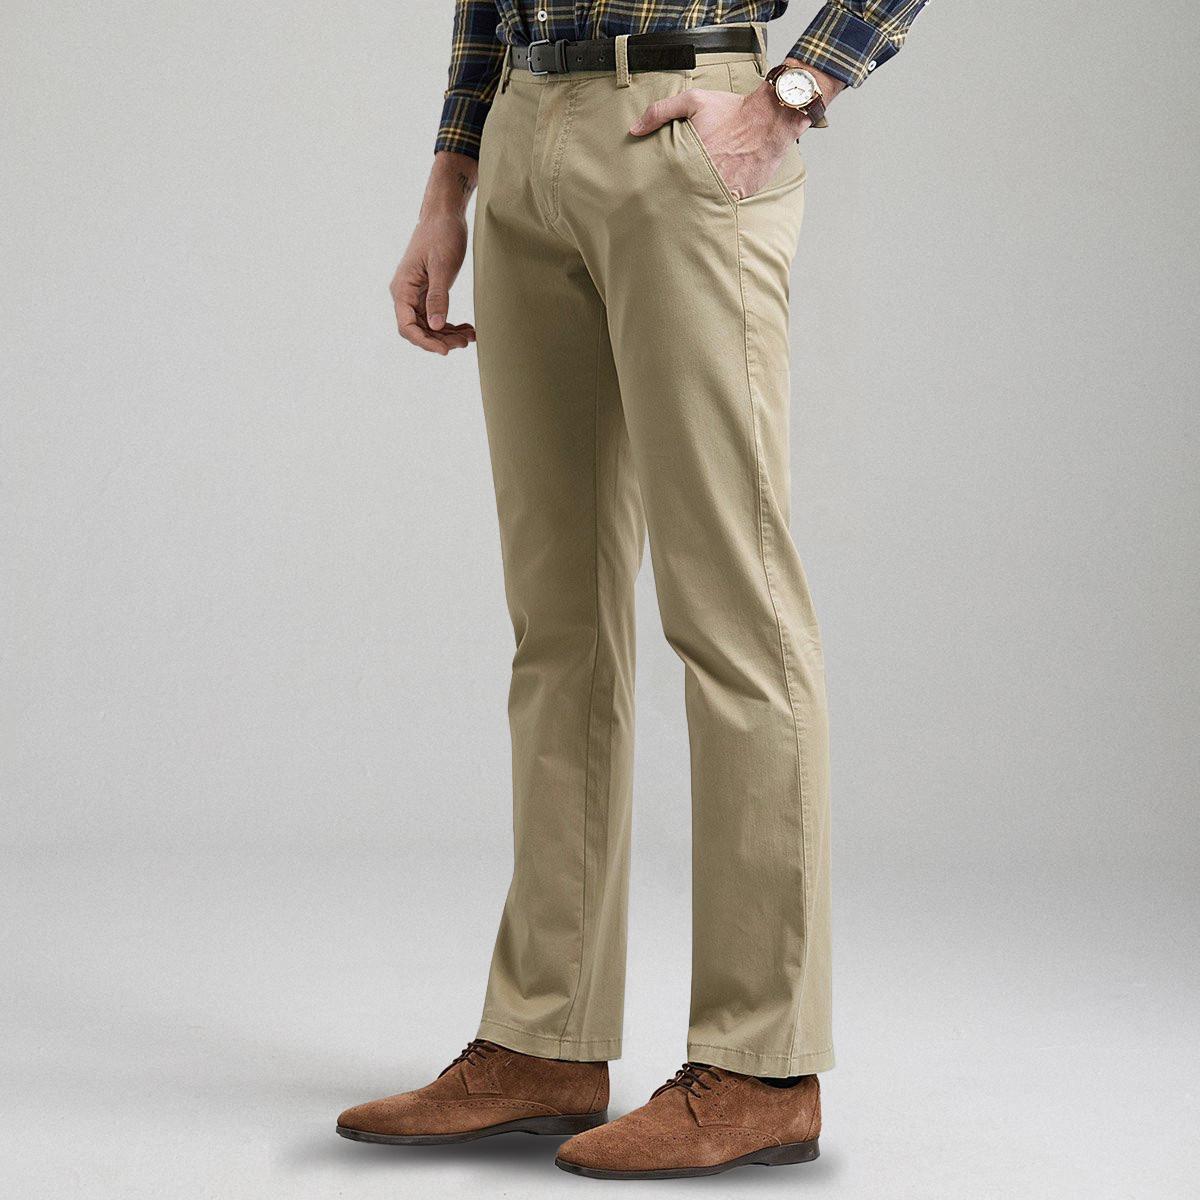 都蒂.阿格纳新款商务百搭微弹舒适透气修身男士休闲裤直筒裤20719097501